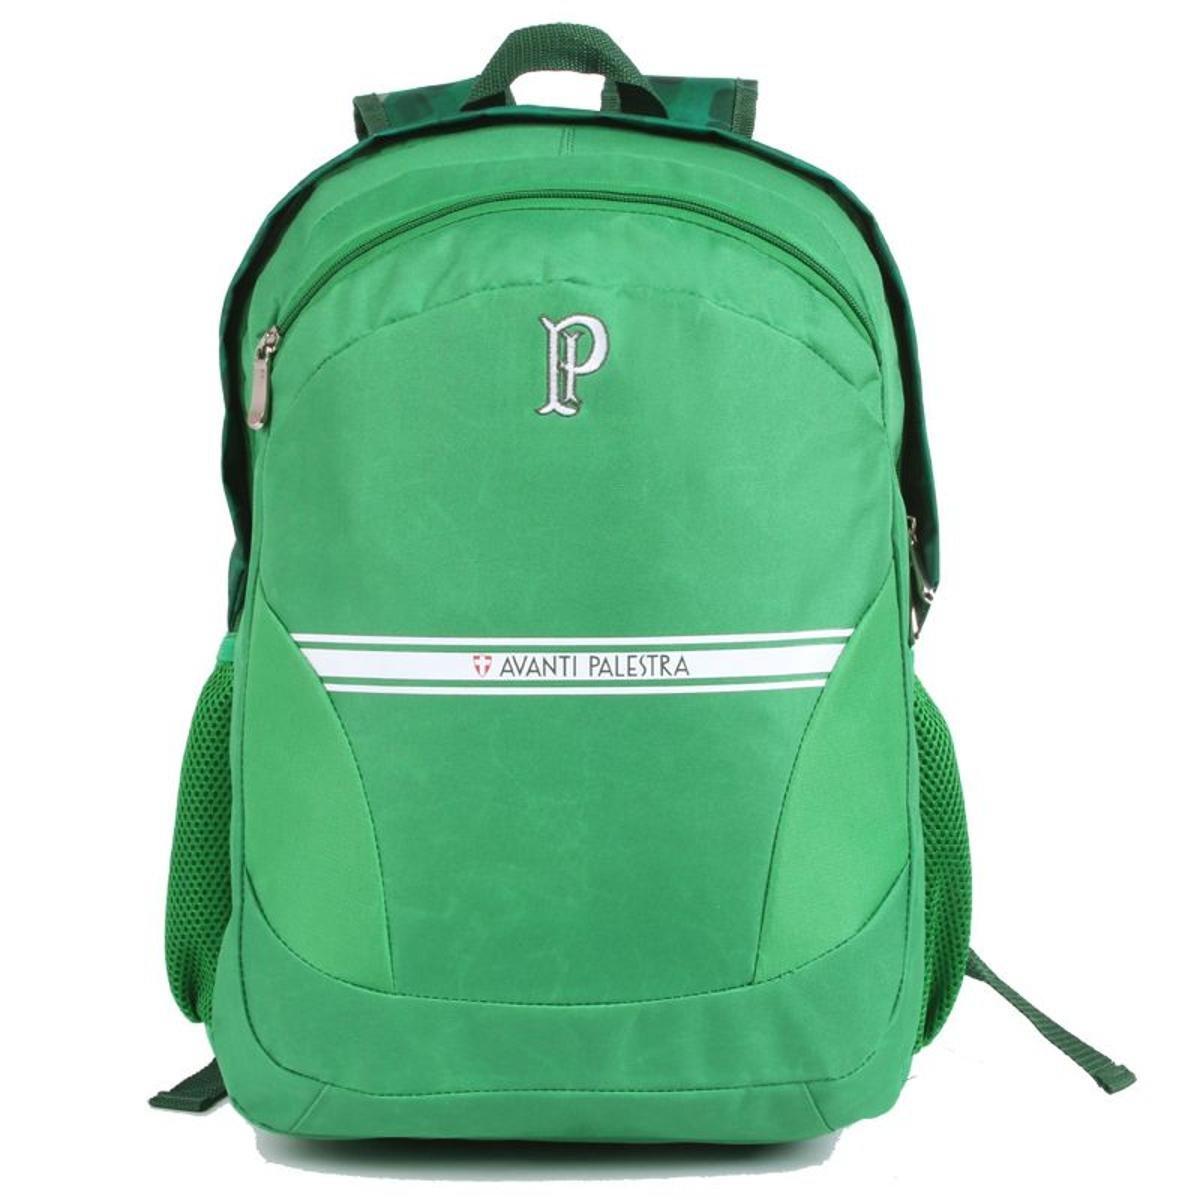 8b473e91d50d1 Mochila Escolar do Palmeiras G Sport. - Verde - Compre Agora